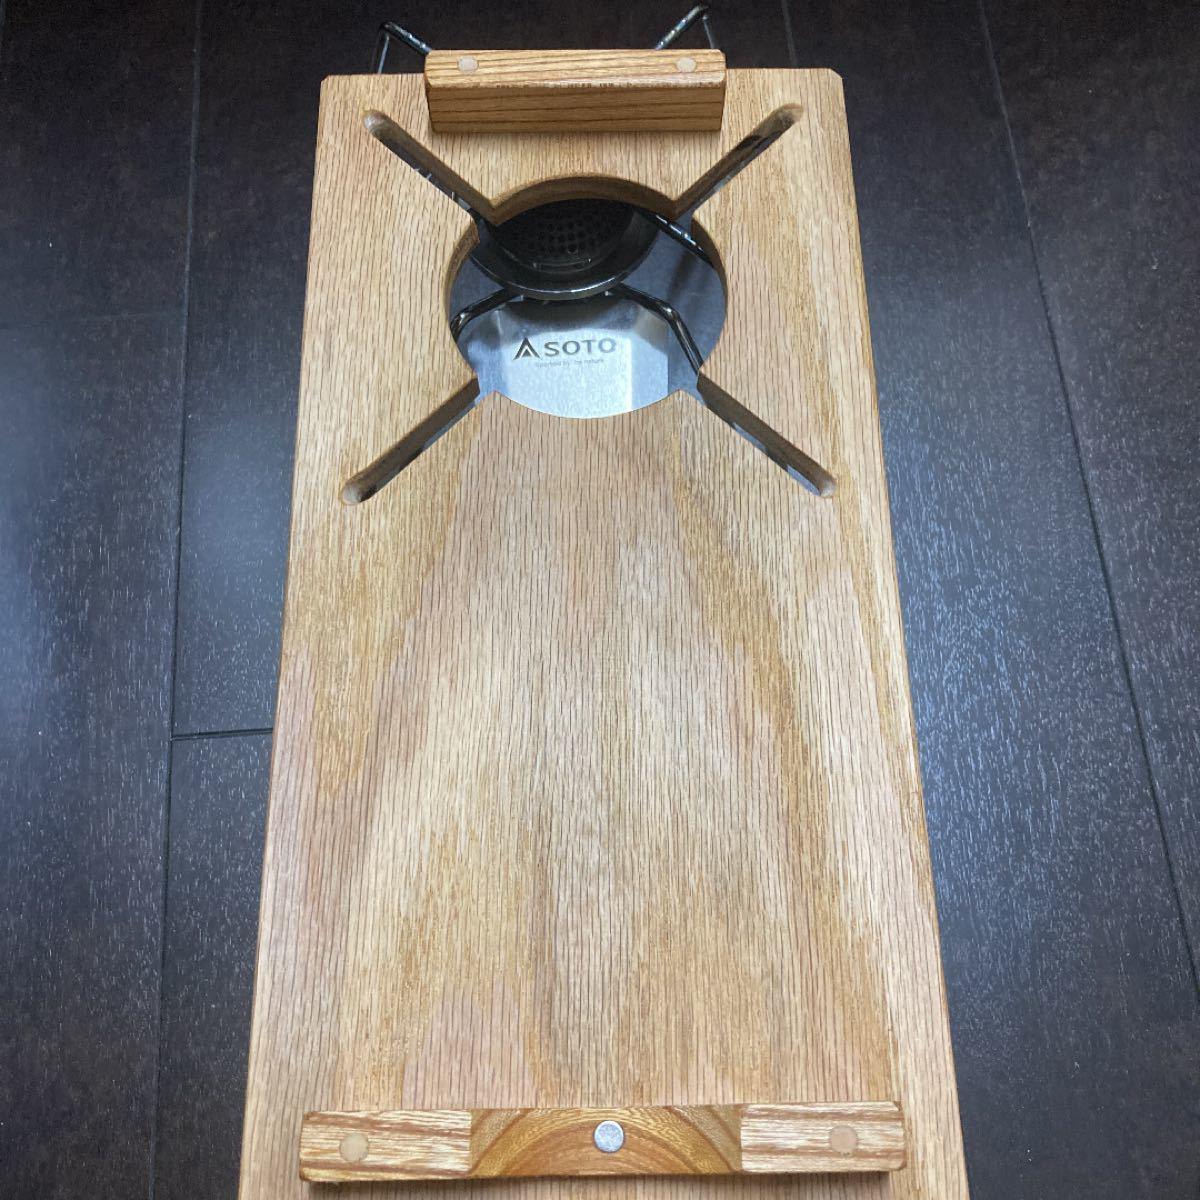 soto ST-310 木製遮熱板63 ランタンスタンド付き